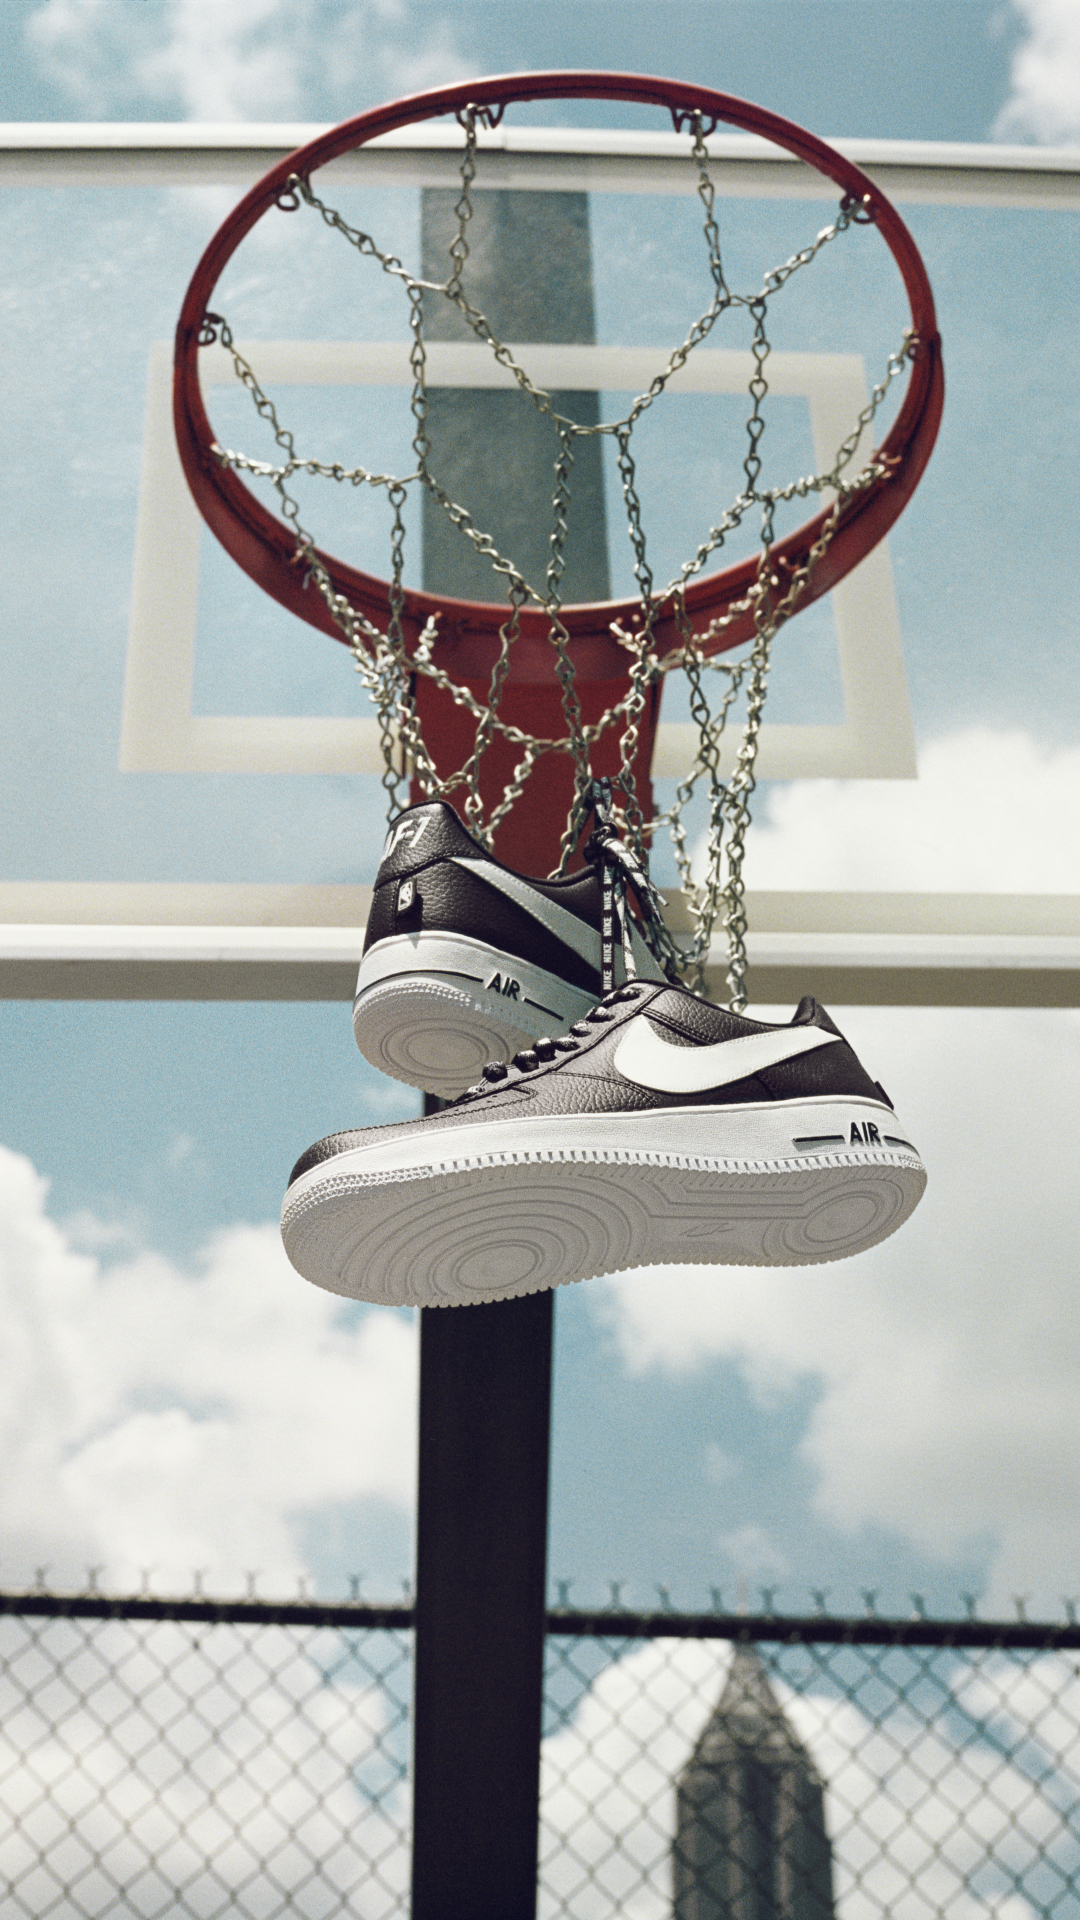 NBA_08.jpg